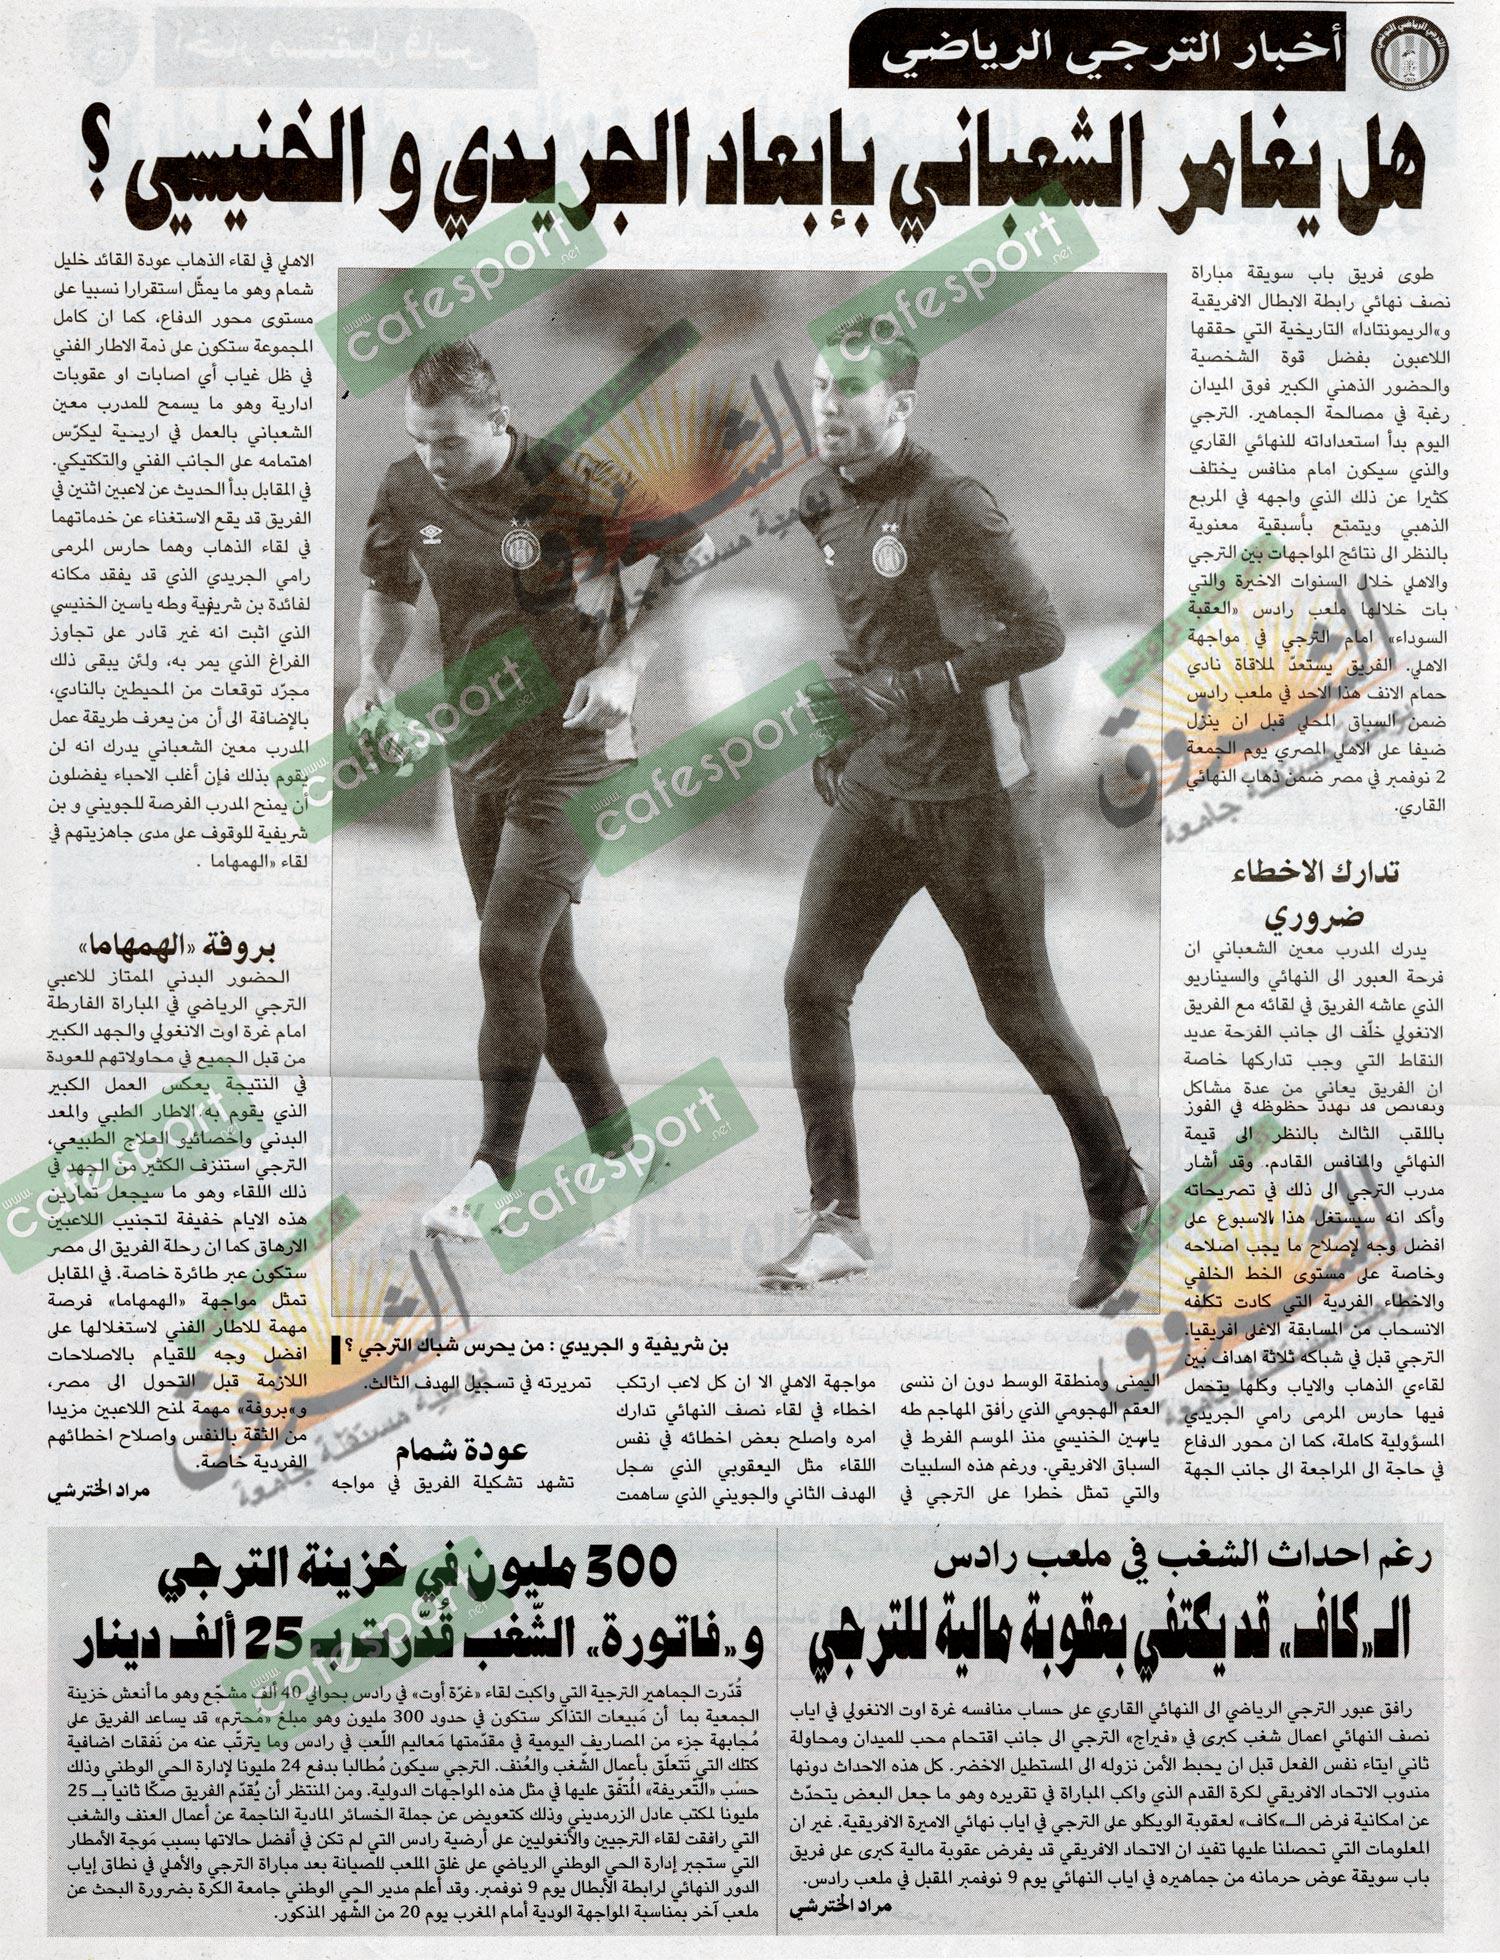 كلام جرايد ليوم الجمعة 26 اكتوبر 2018